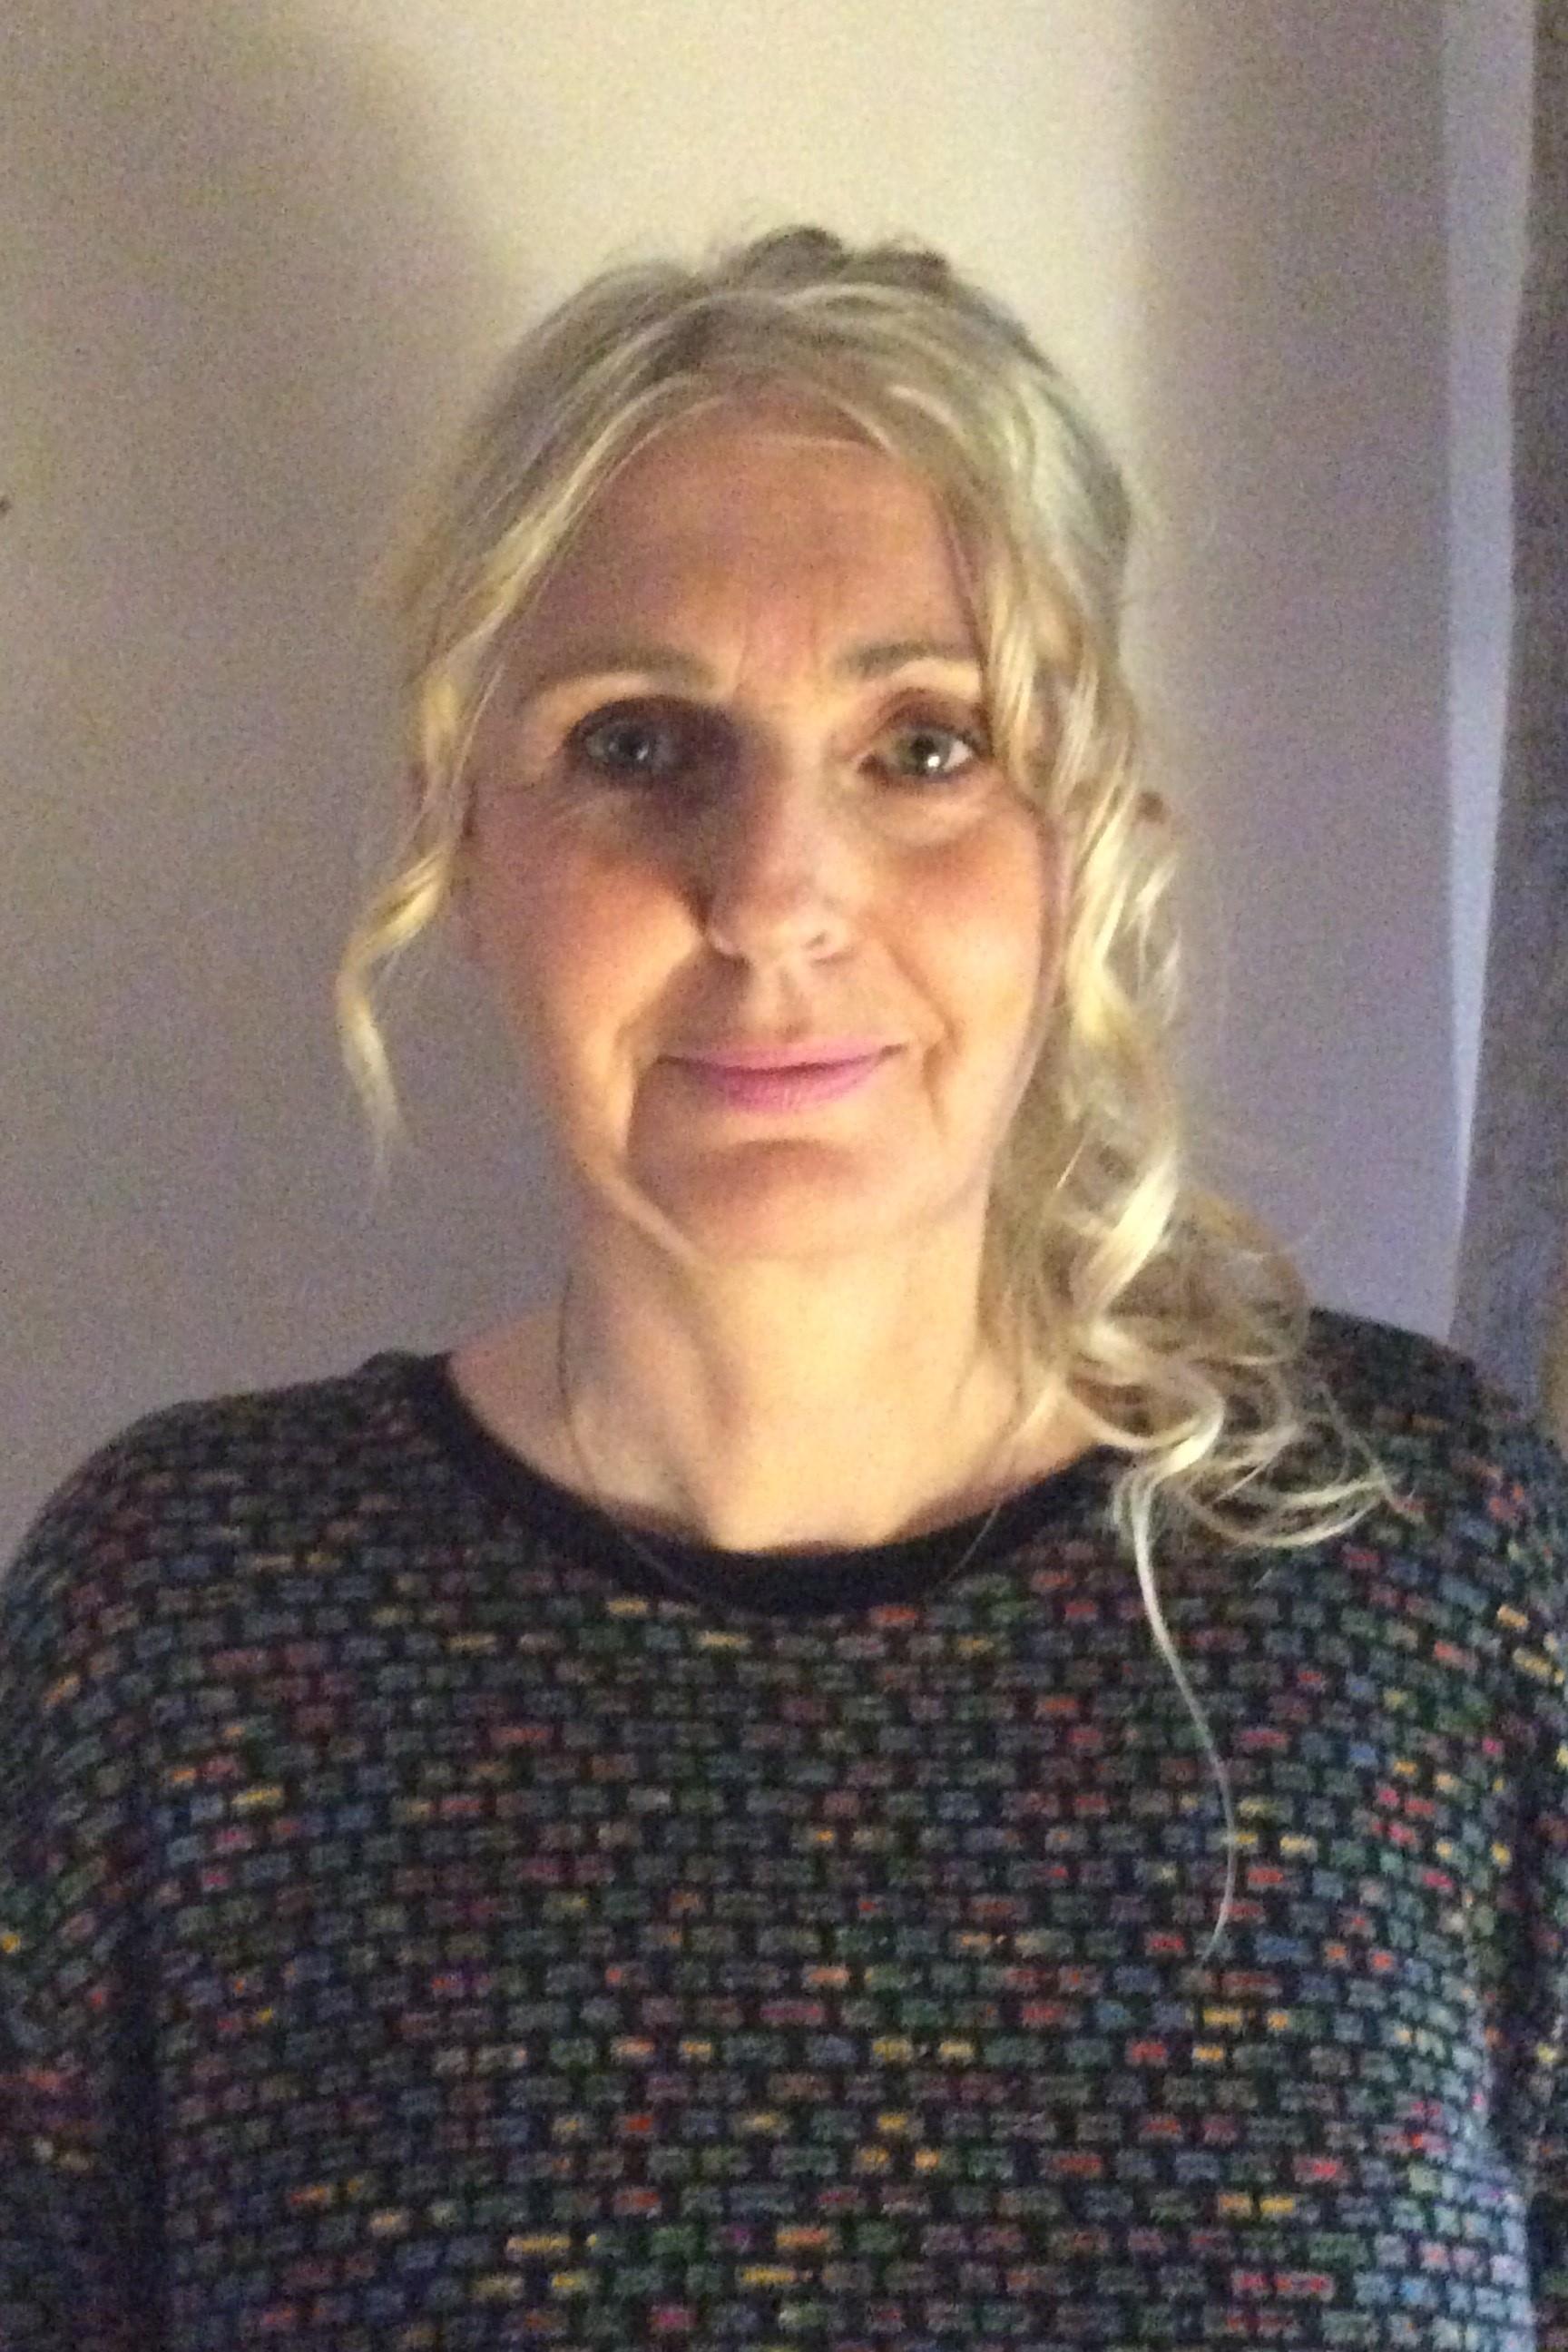 Nichola Hartshorne